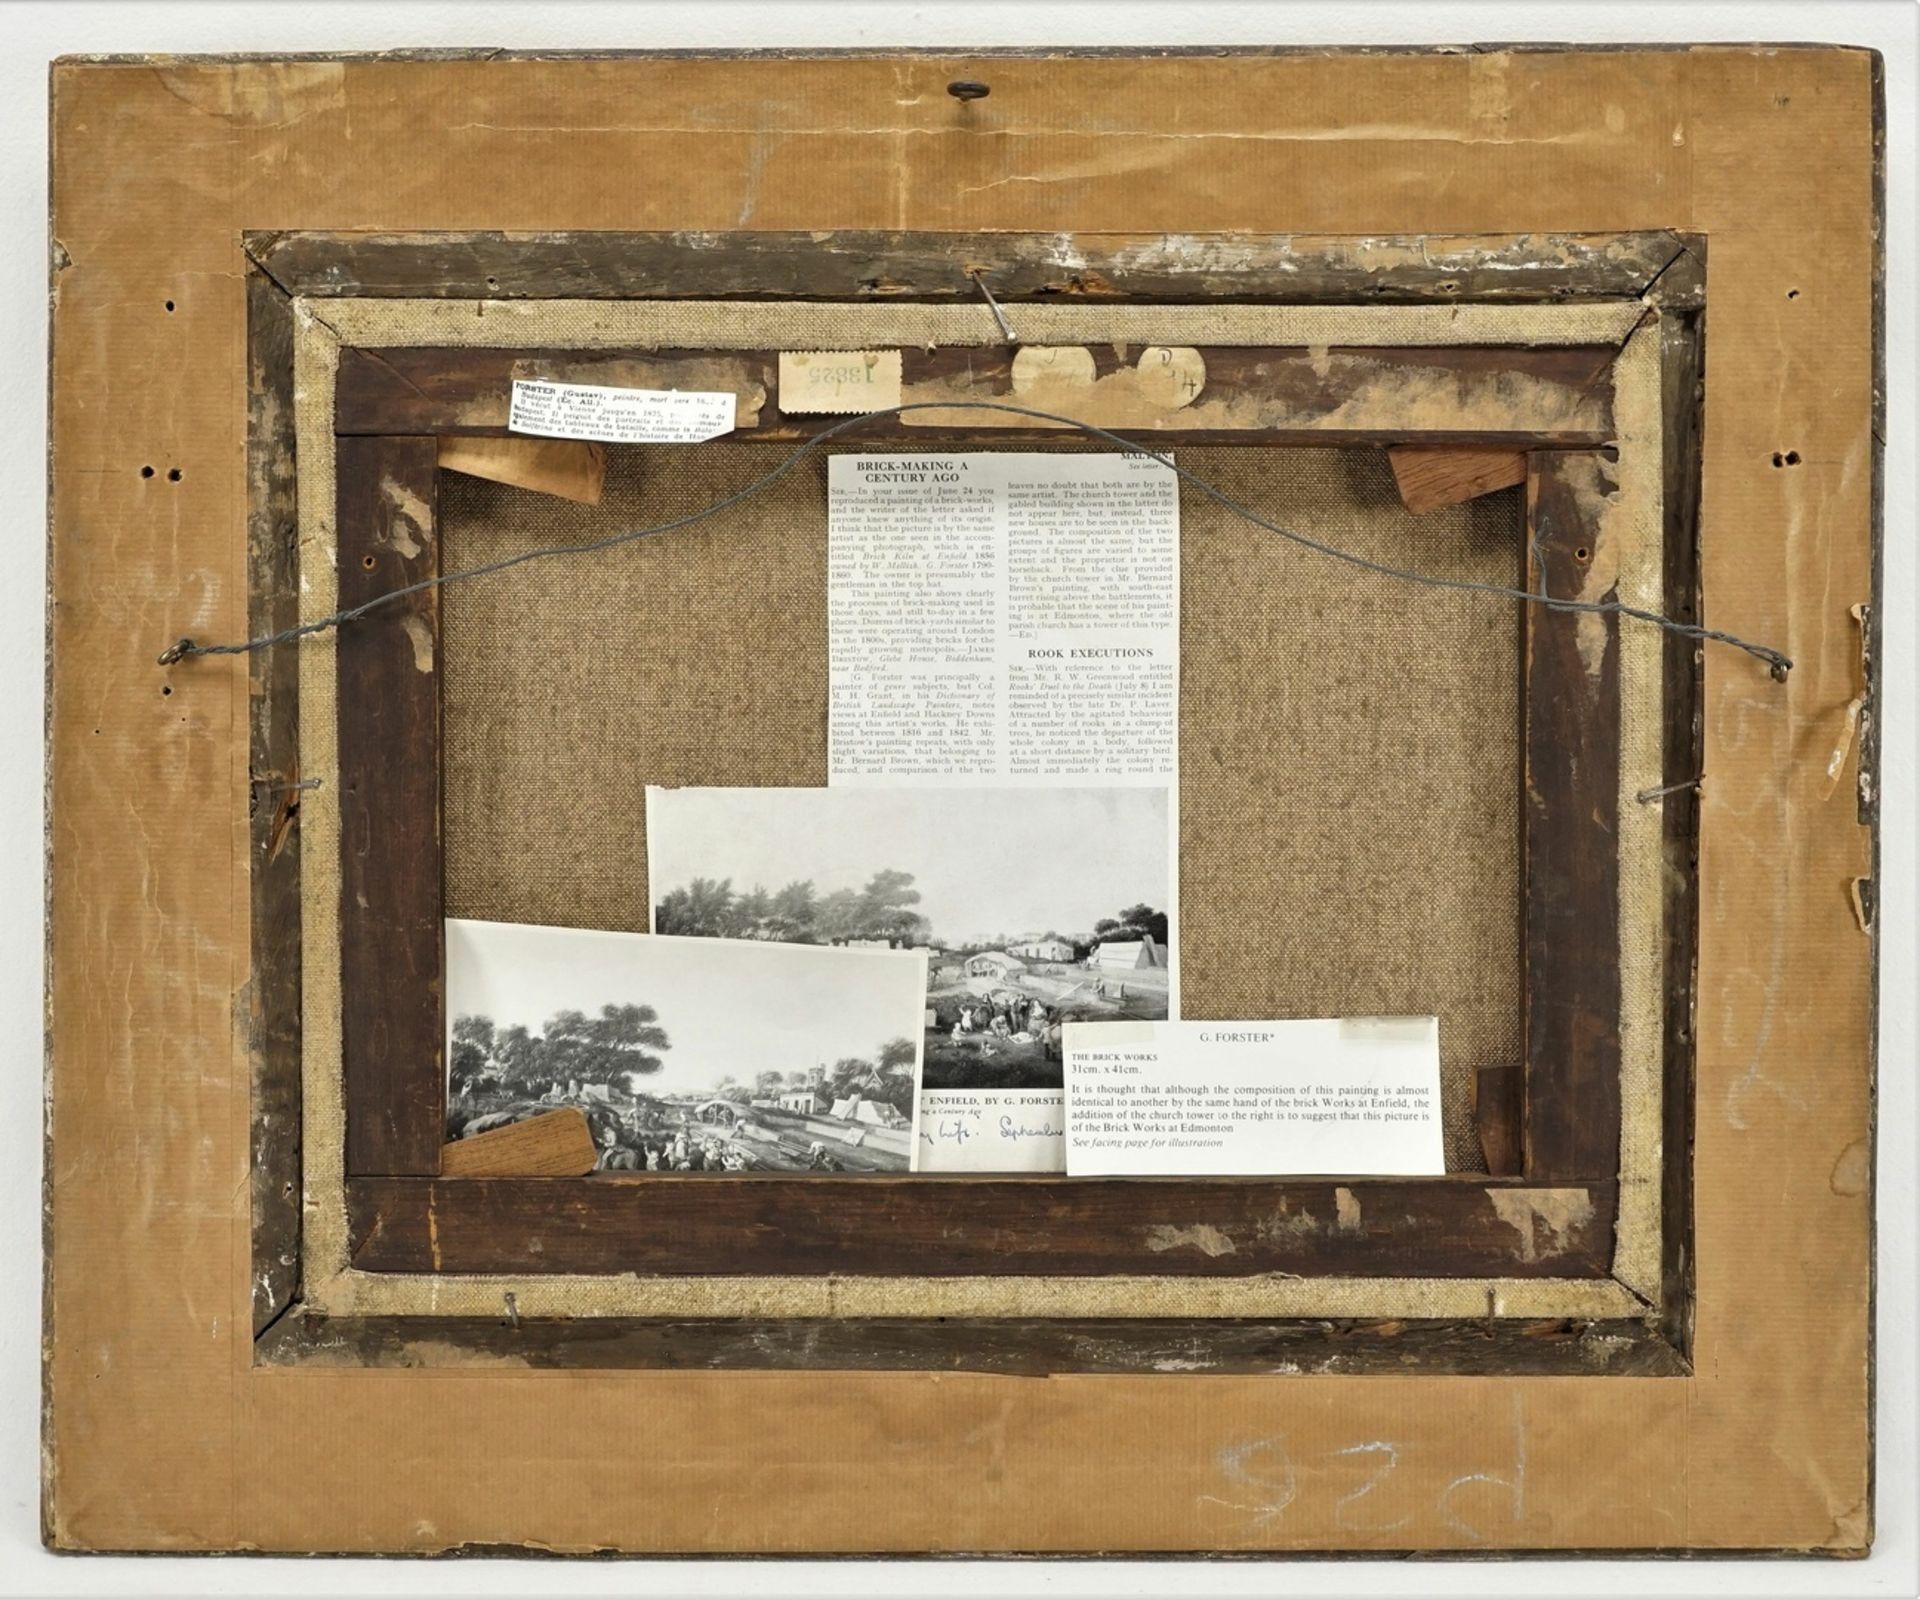 G. Forster, Ziegelfabrikation bei Edmonton, Middlesex - Bild 3 aus 3